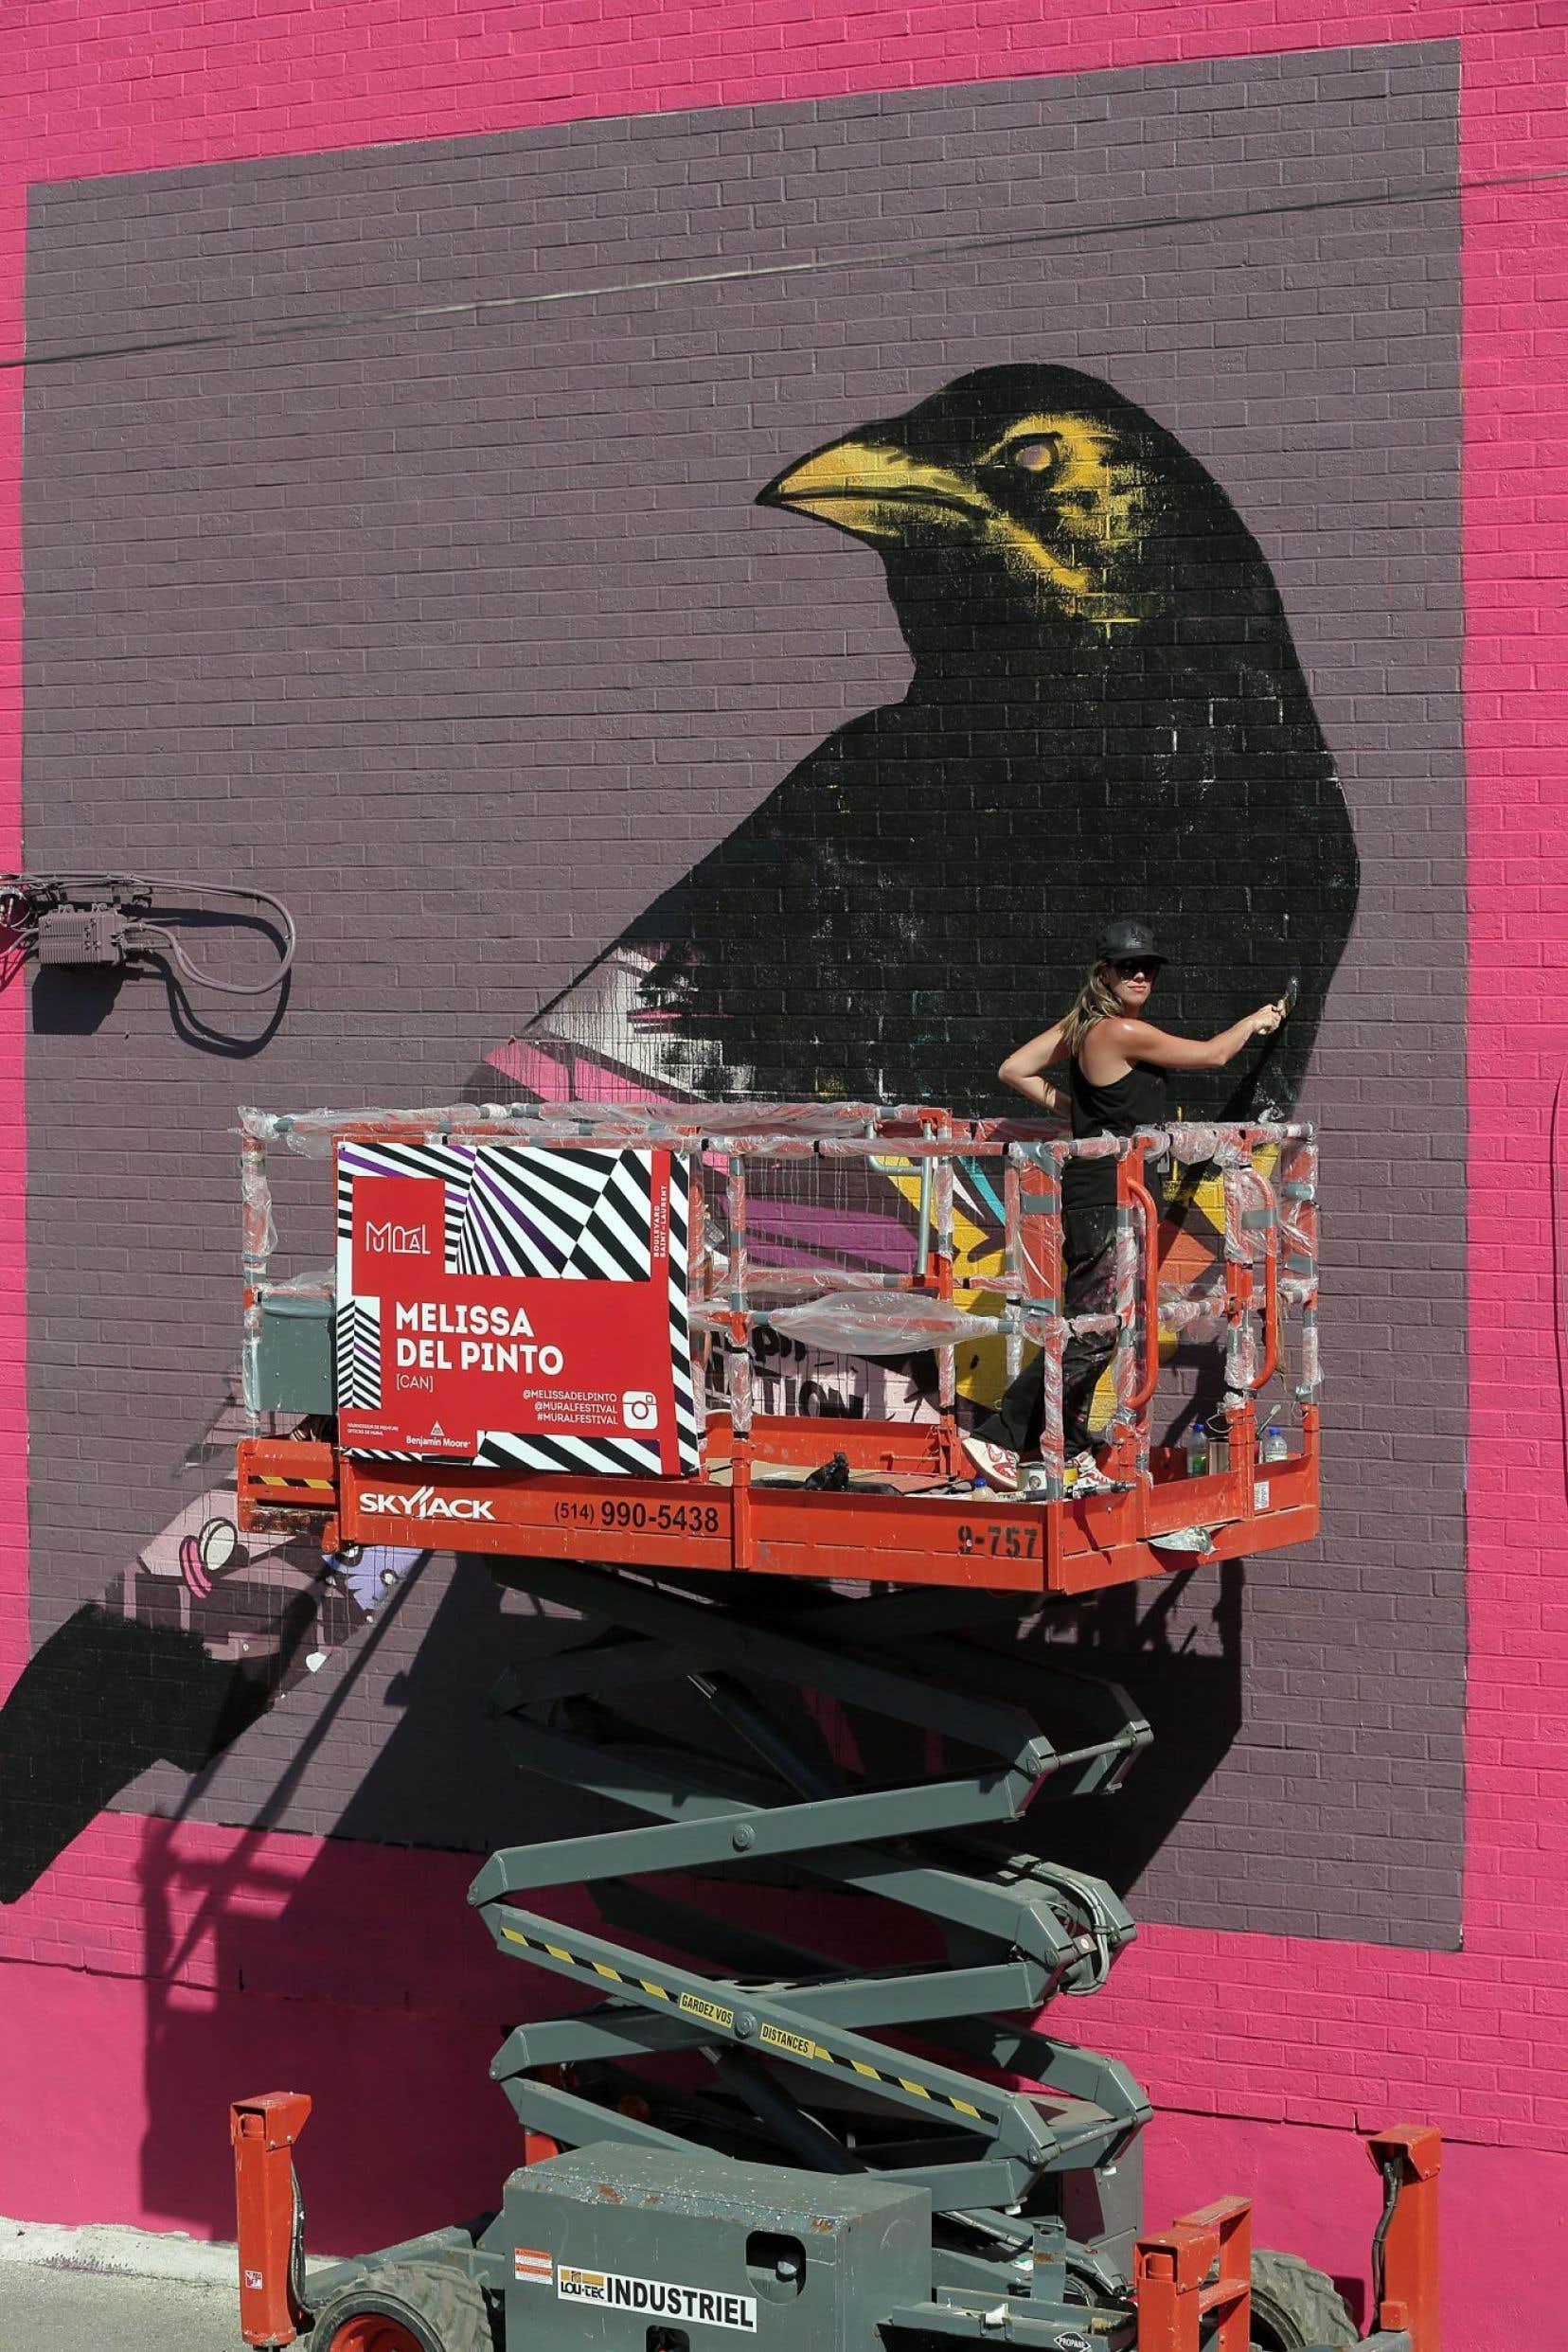 L'artiste montréalaise Melissa del Pinto peint une corneille géante pour le festival d'art public MURAL, qui se tient jusqu'au 14juin. Le boulevard Saint-Laurent est fait piéton pour l'occasion.